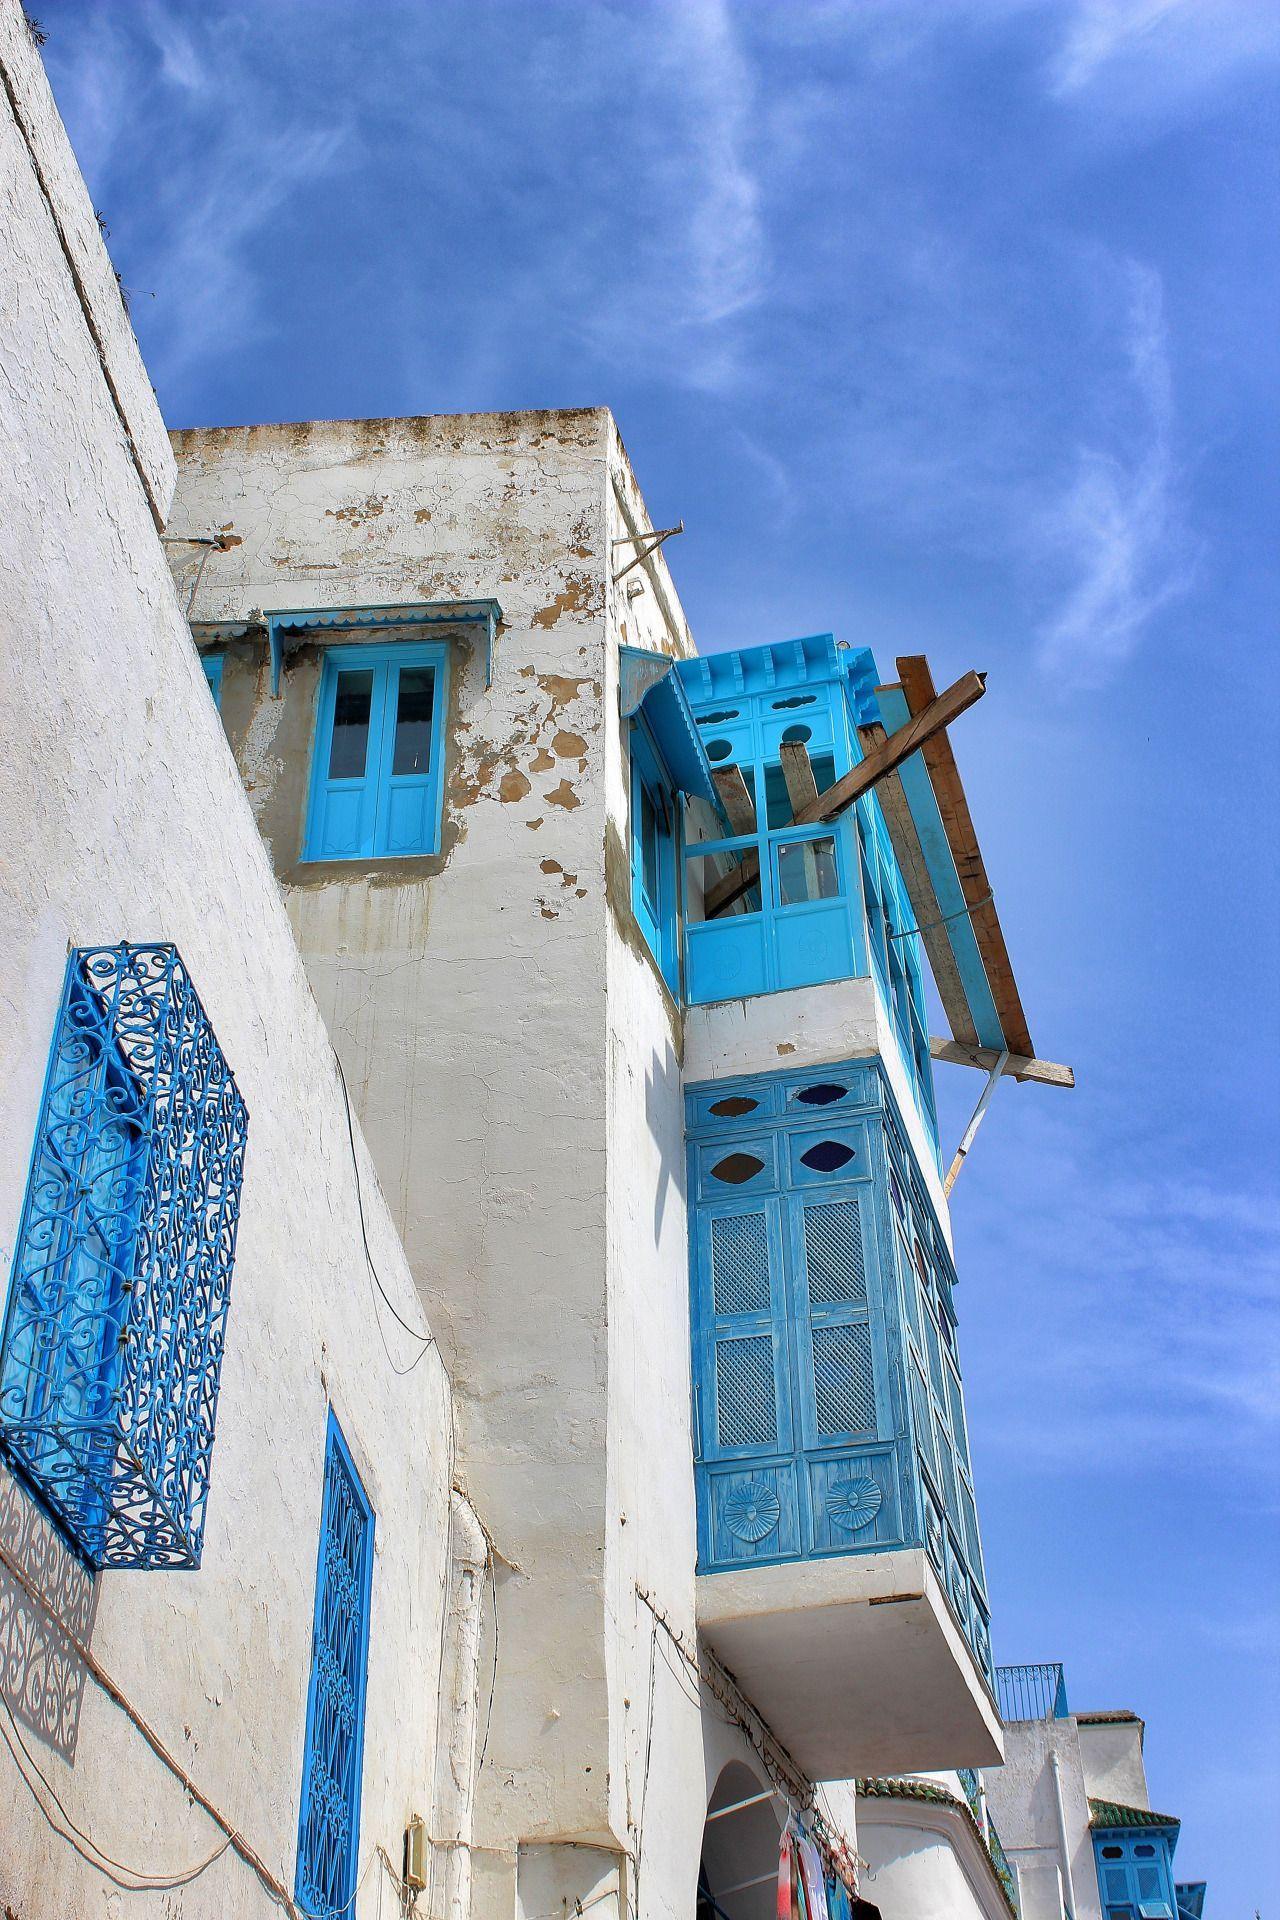 balcony - Sidi Bou Said - Tunisia (by annajewelsphotography)closed balcony - Sidi Bou Said - Tunisia (by annajewelsphotography)